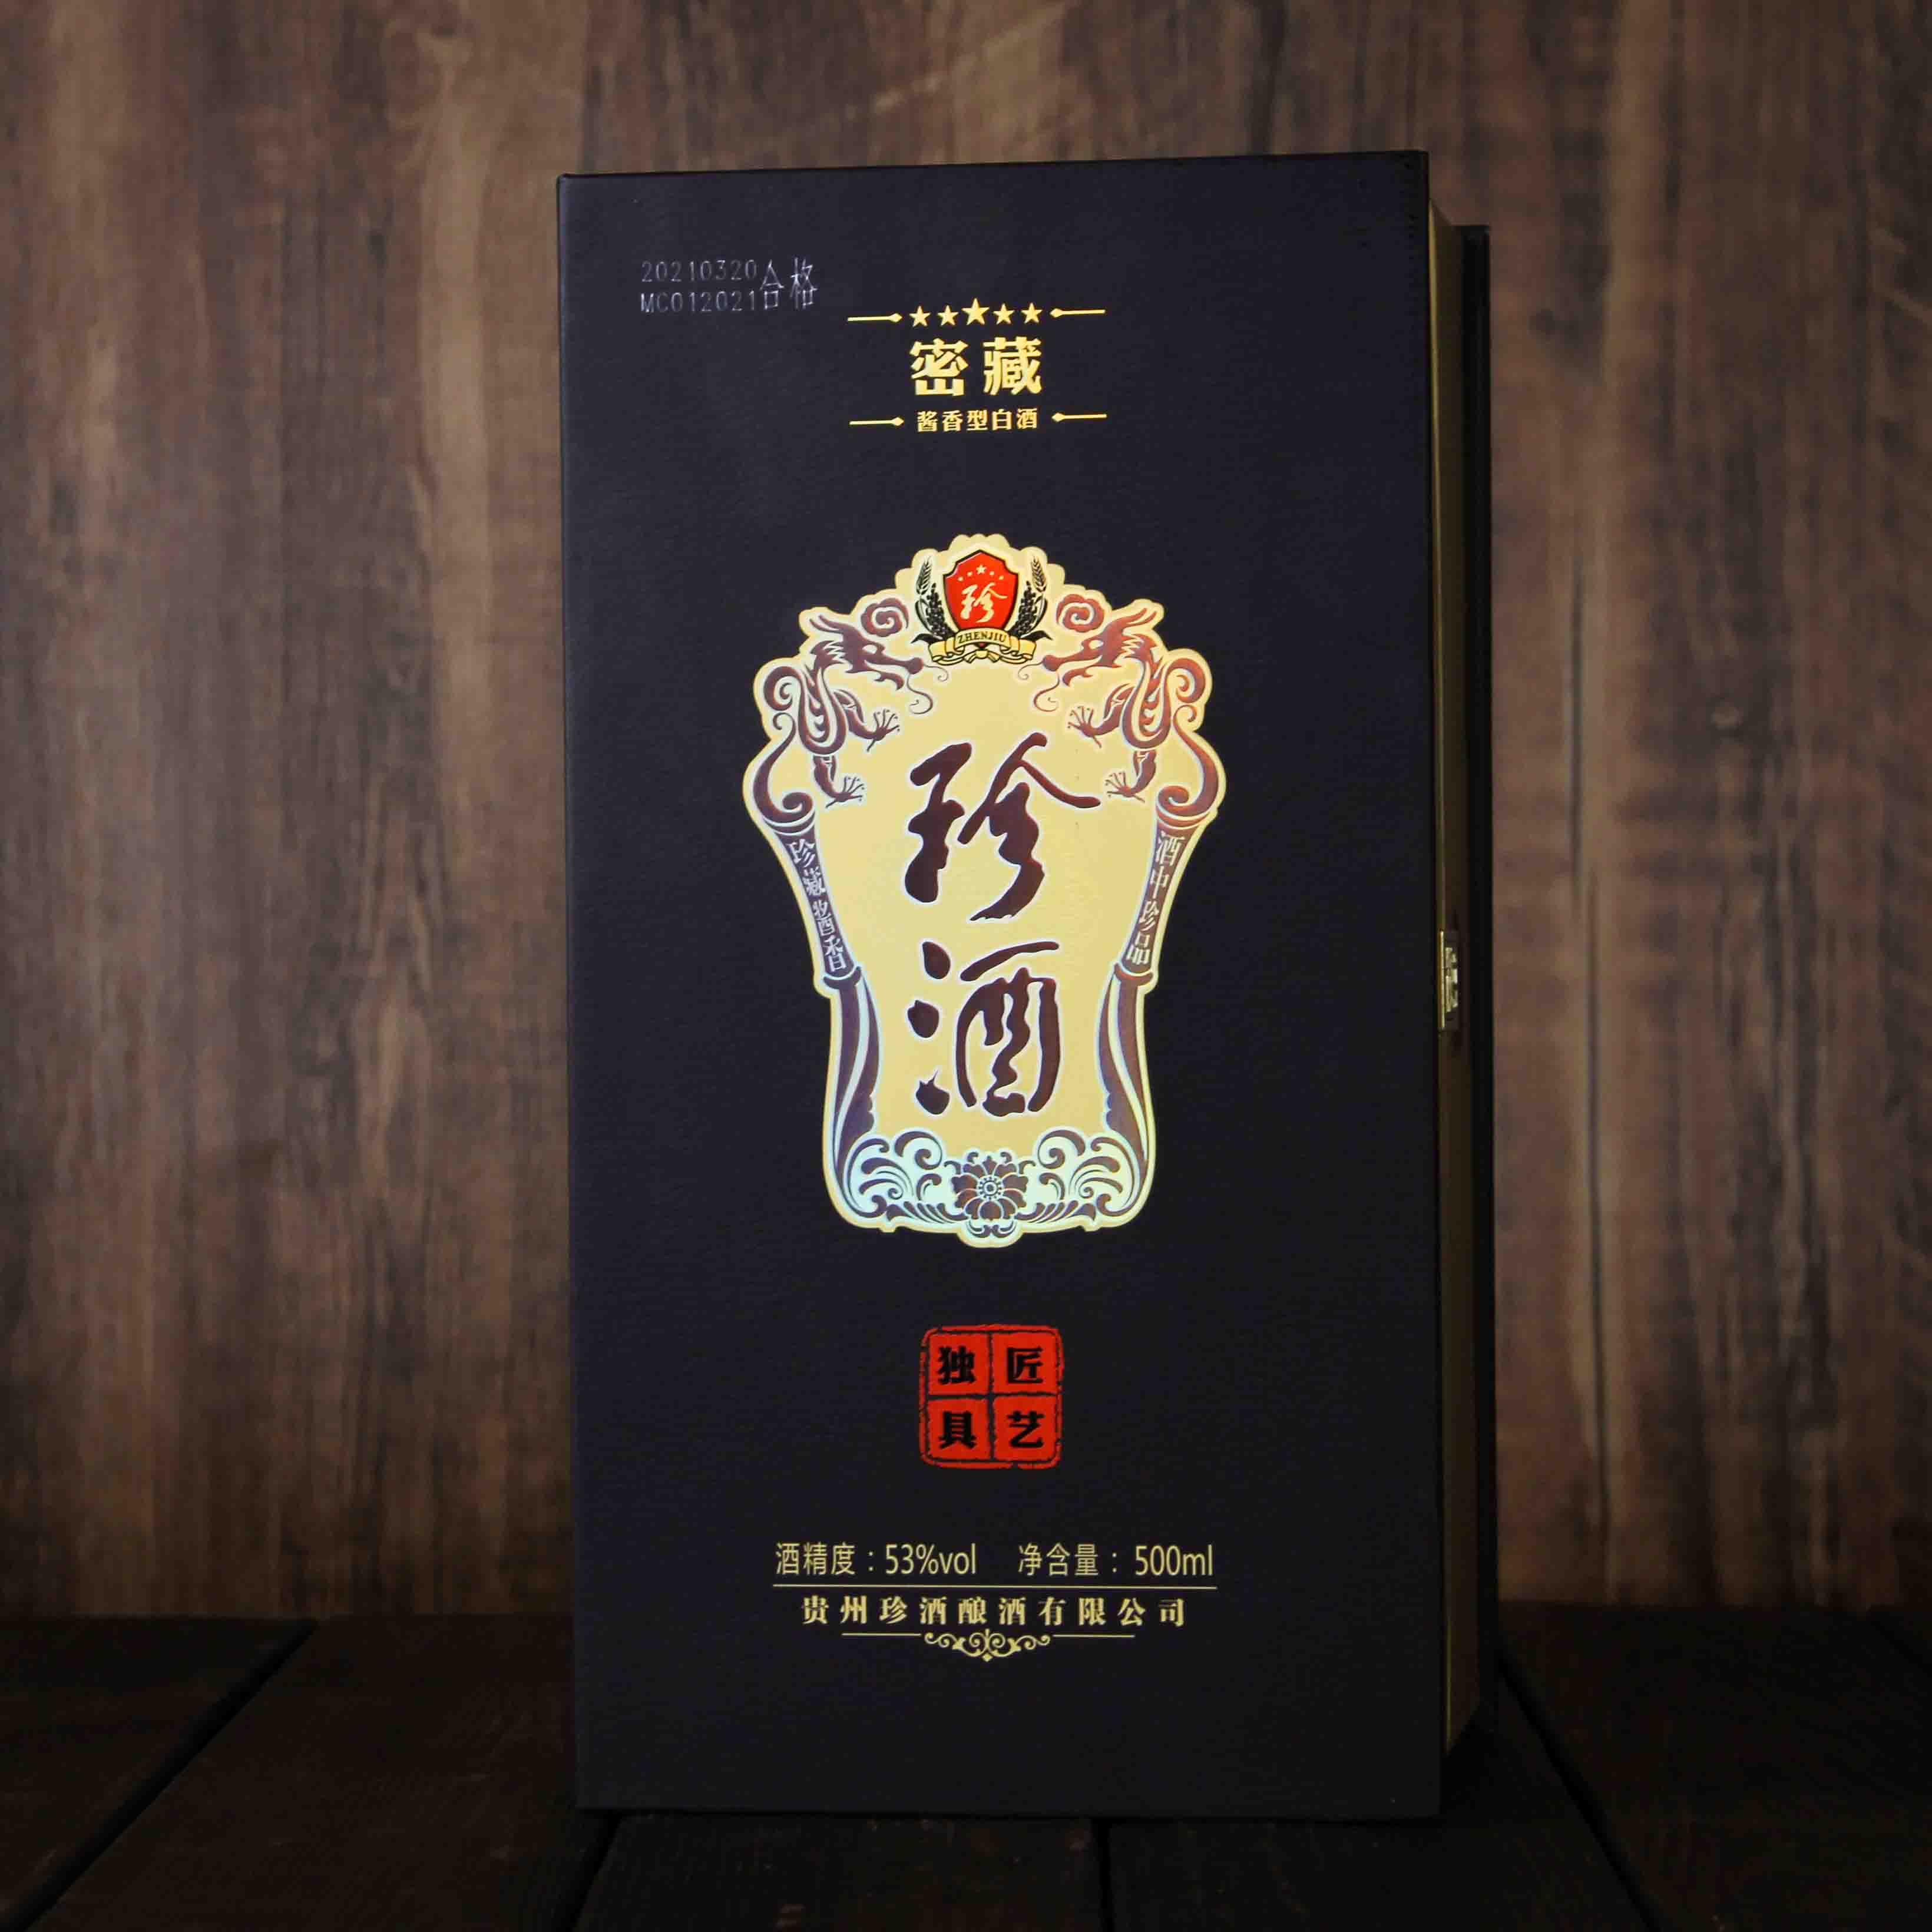 中国贵州茅台镇珍酒白酒